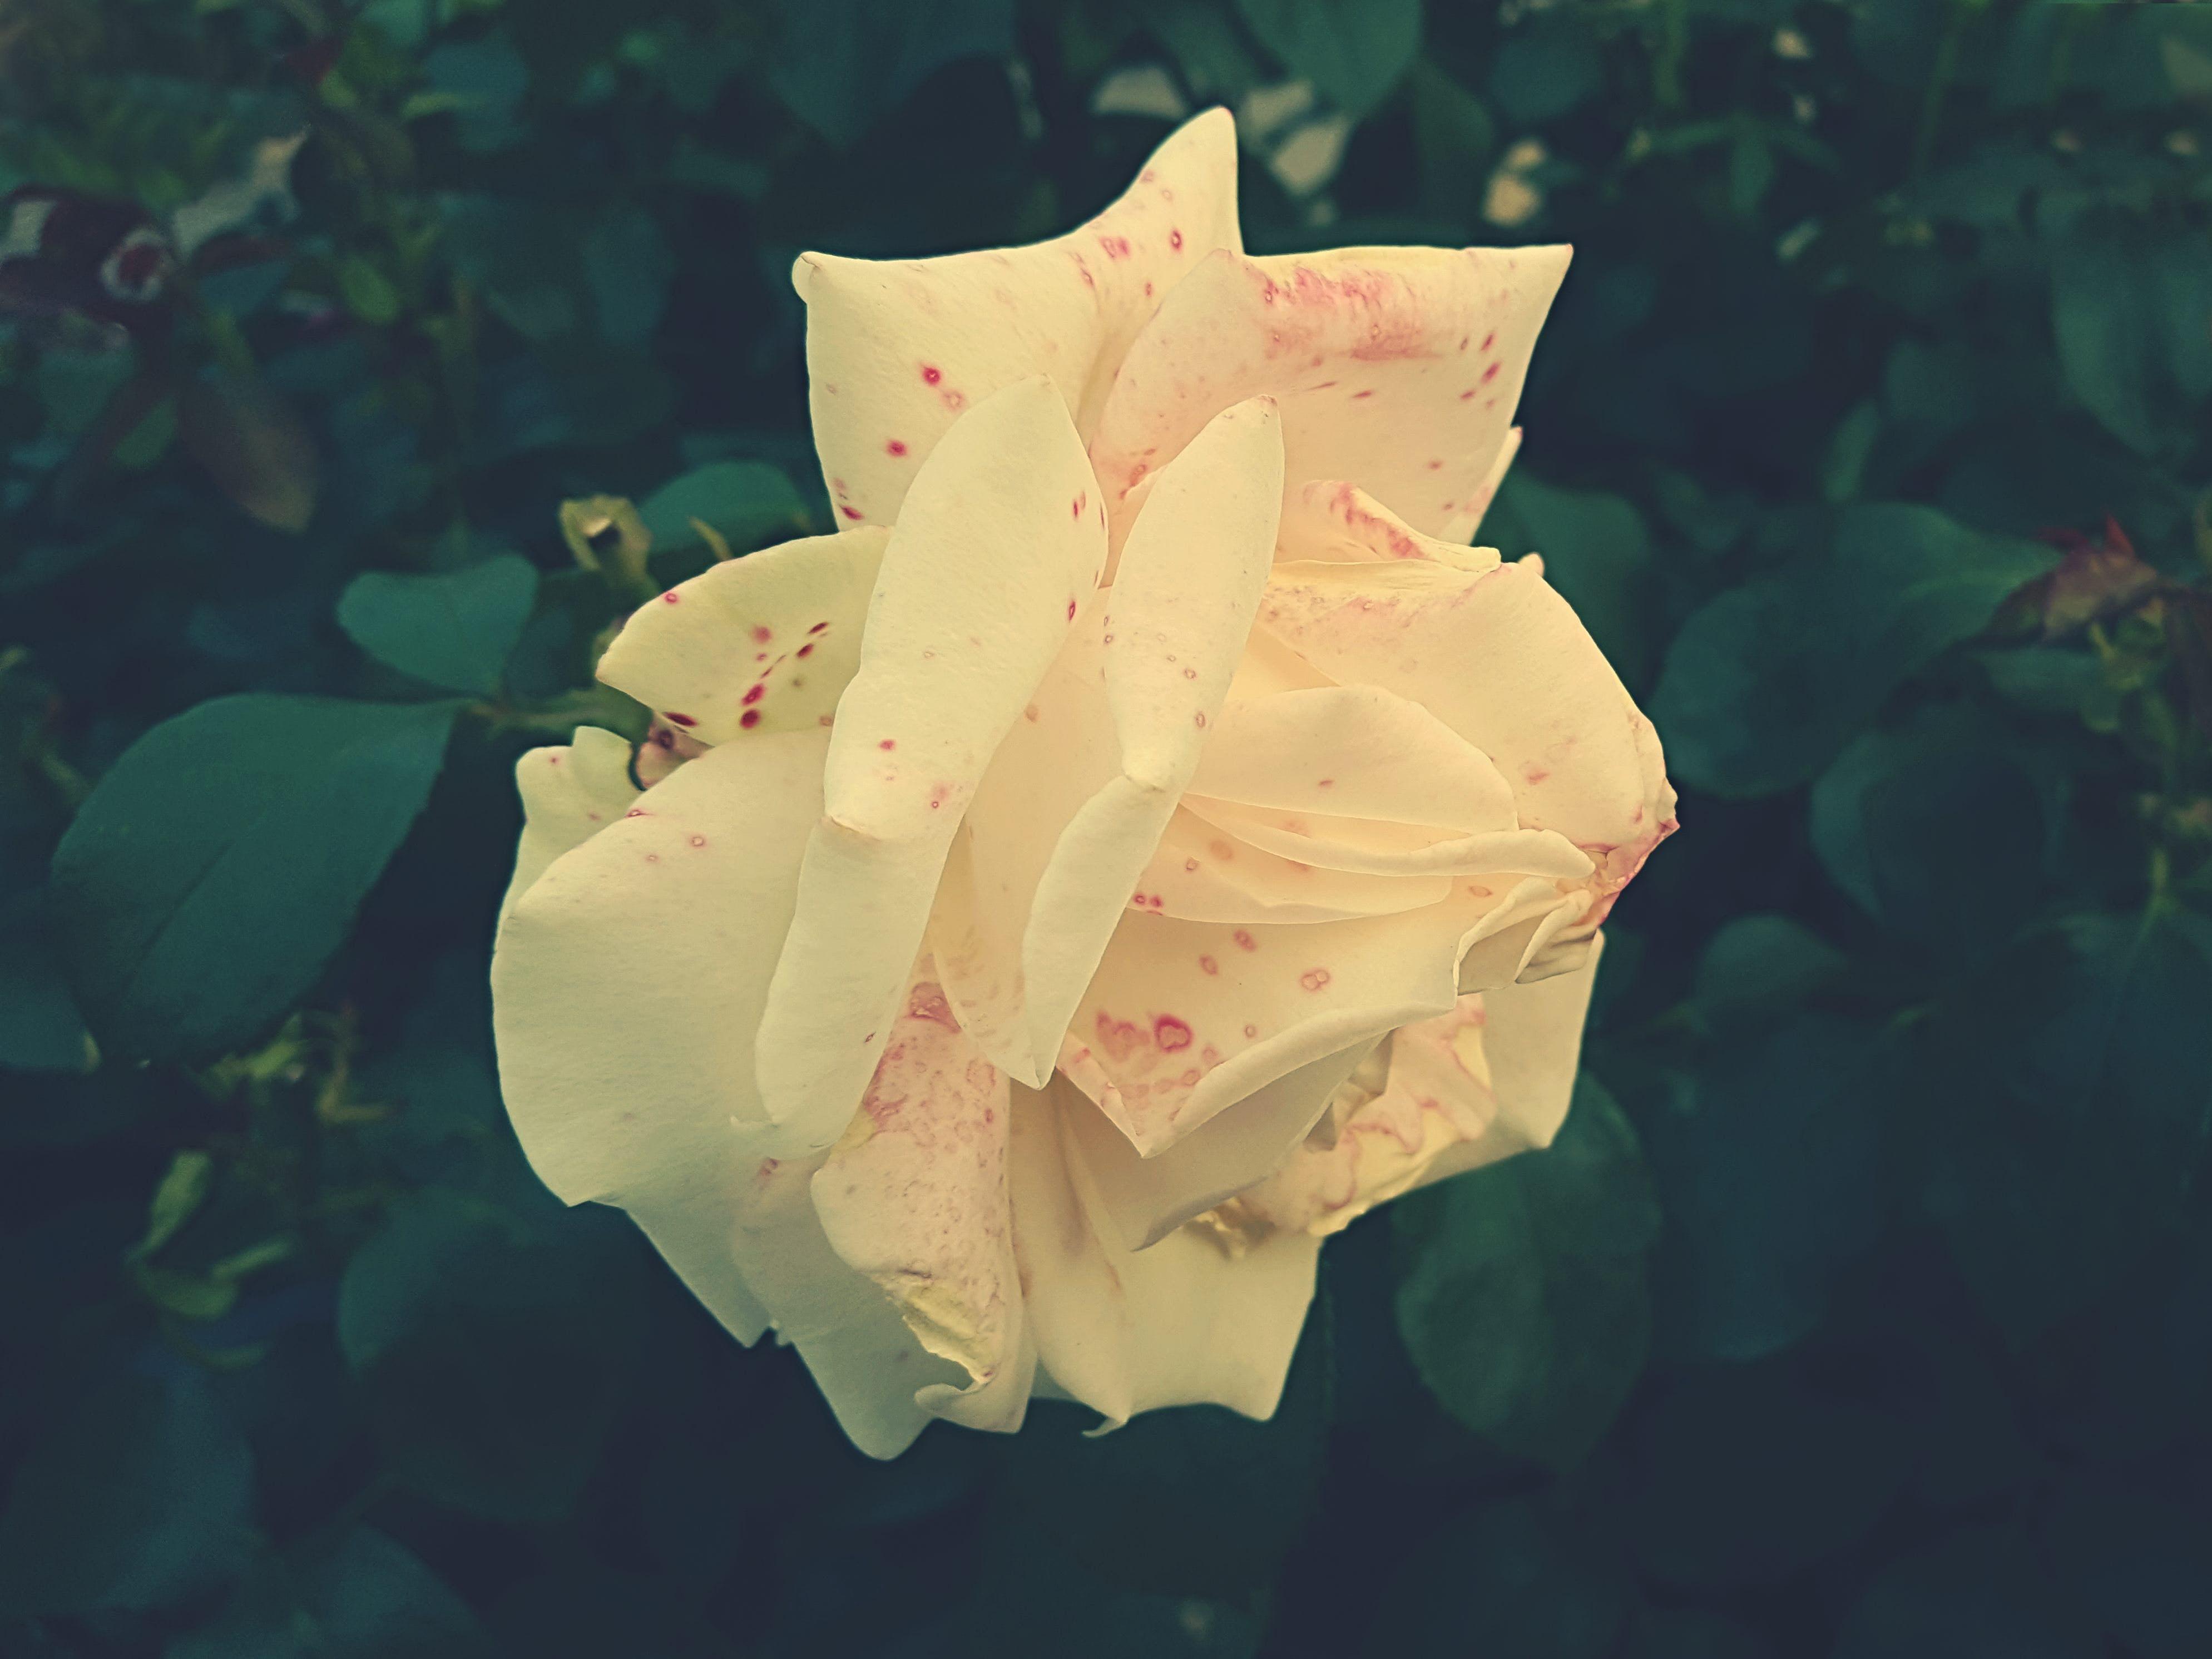 กลีบดอก, กลีบดอกไม้, การถ่ายภาพธรรมชาติ